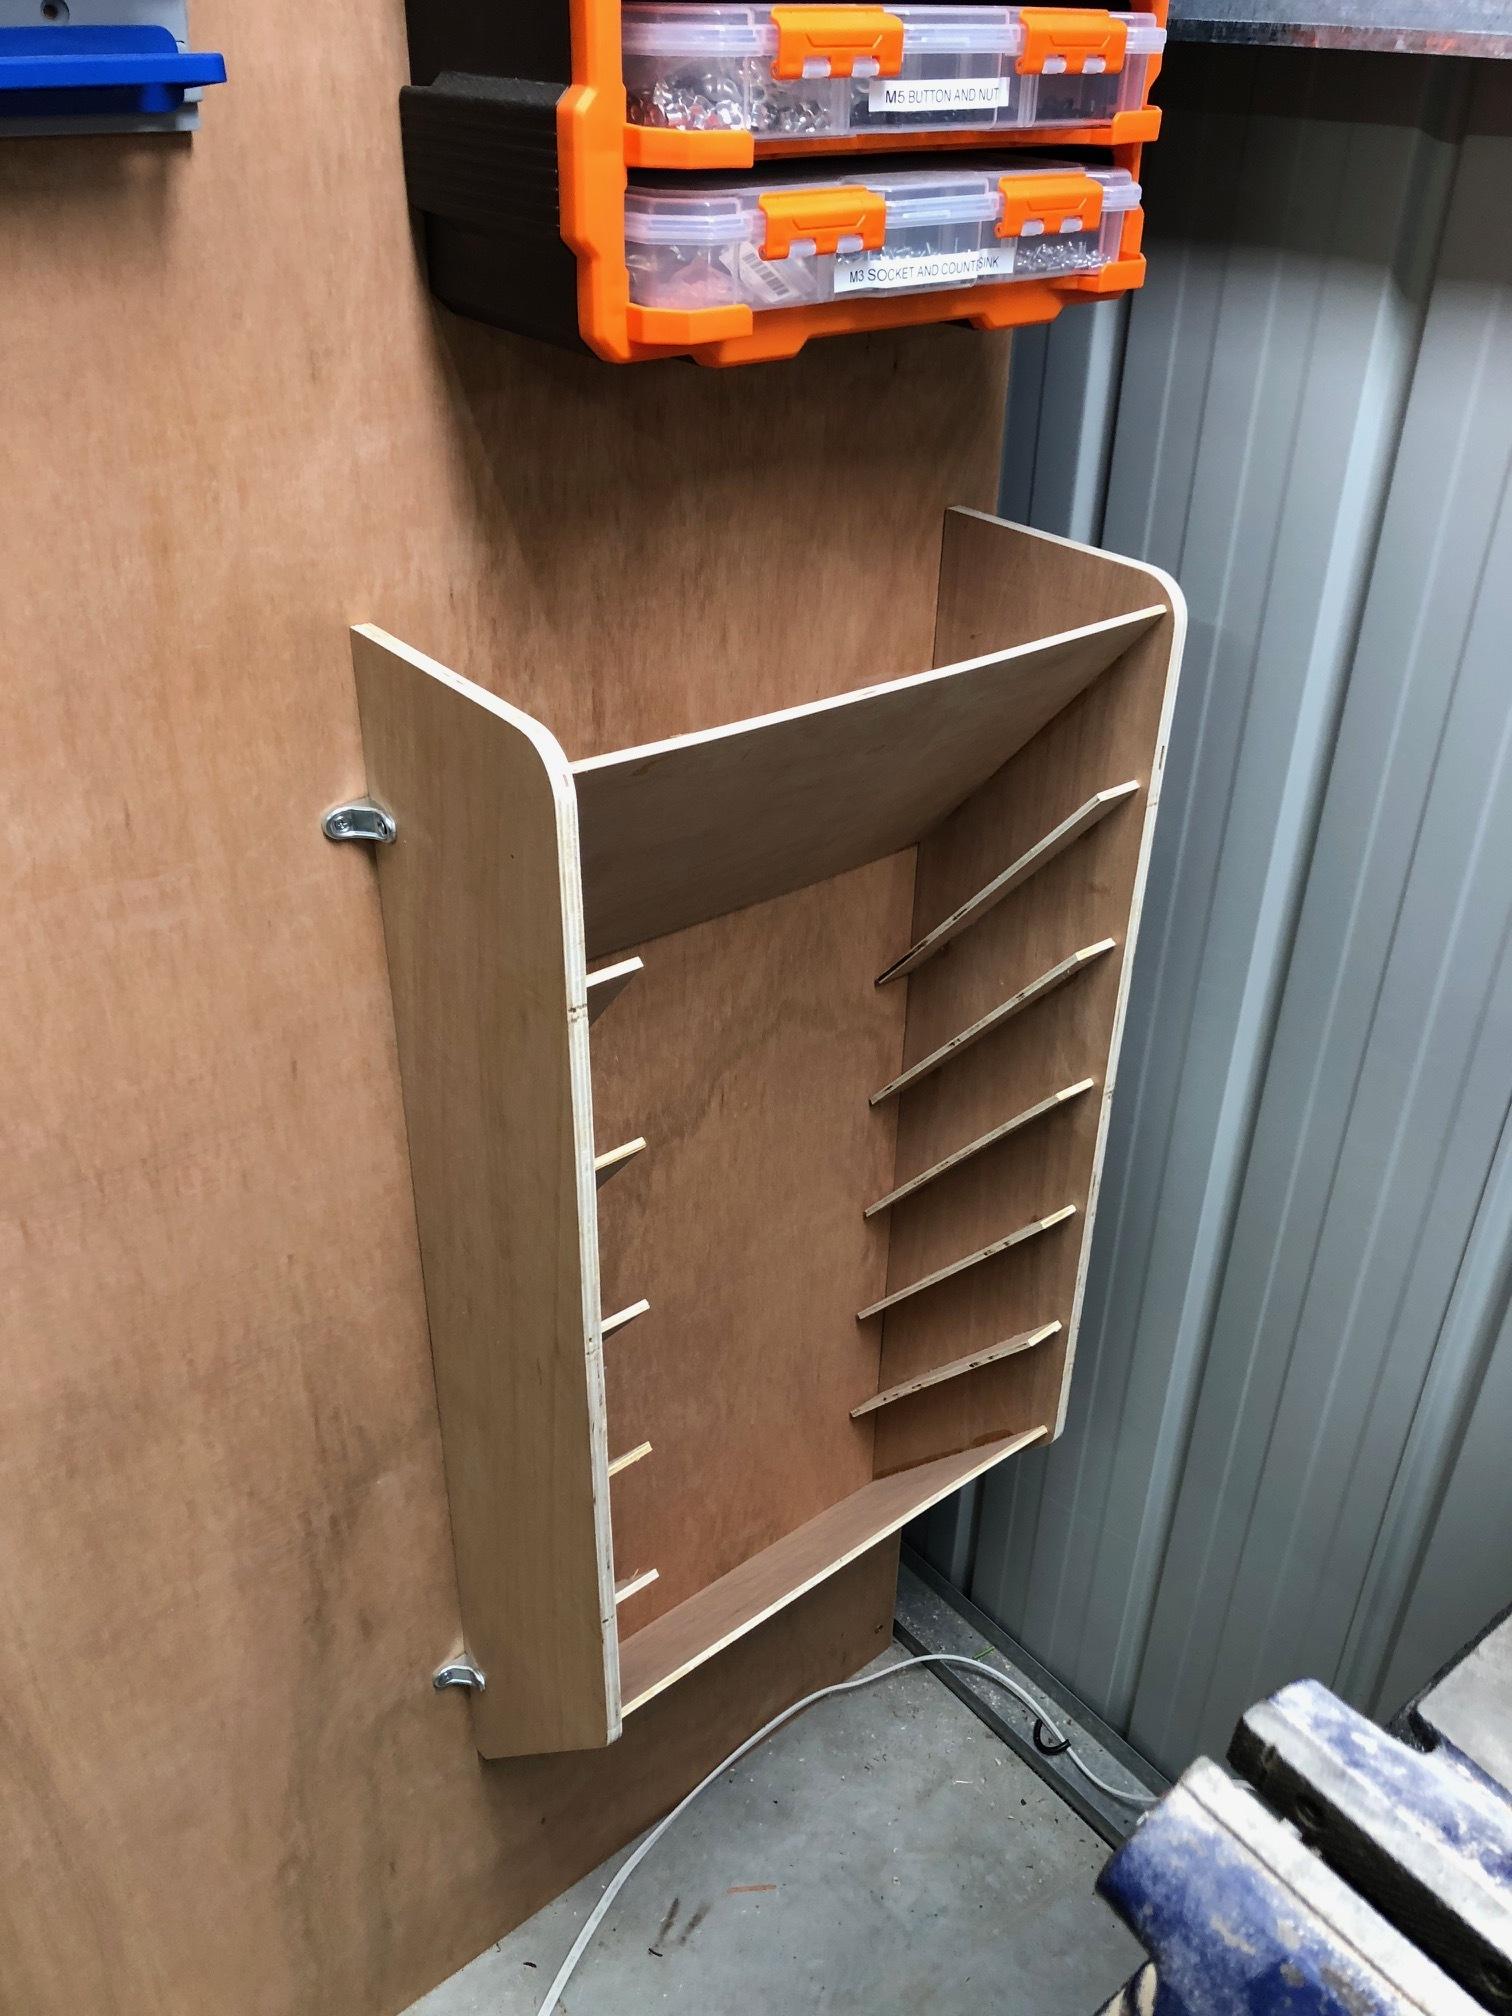 noggin011 storage organizer2.JPG